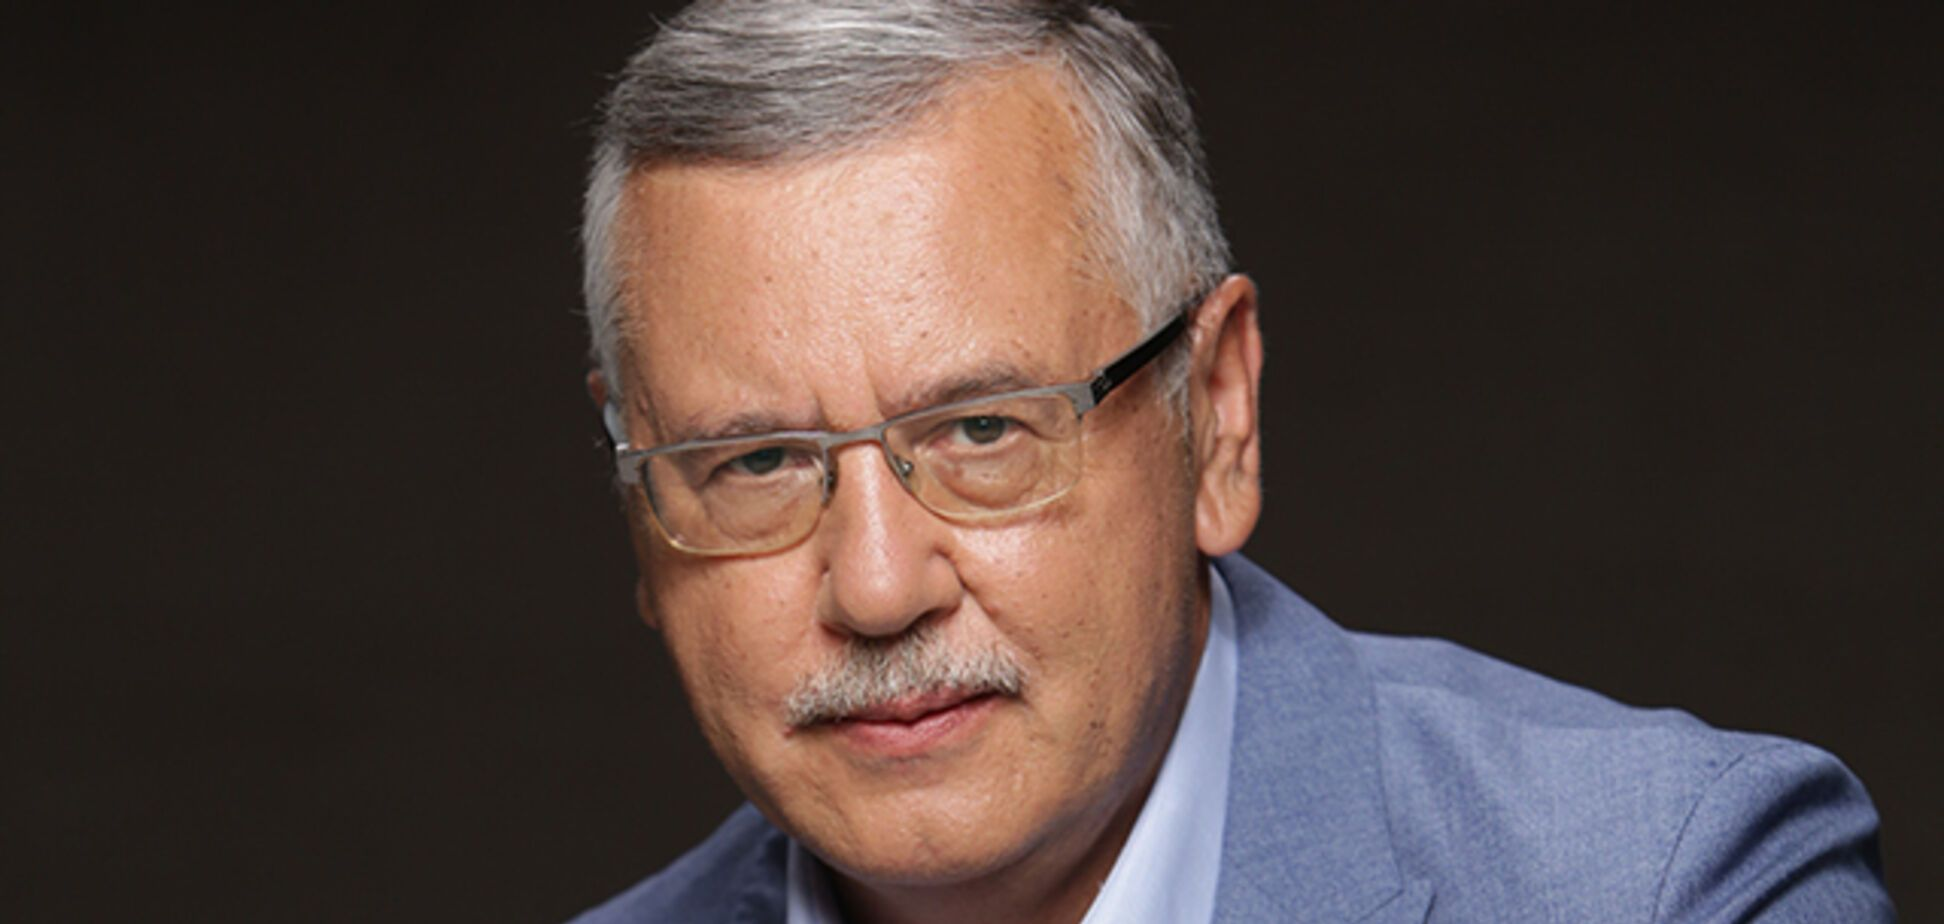 Гриценко рассказал об иске против БПП